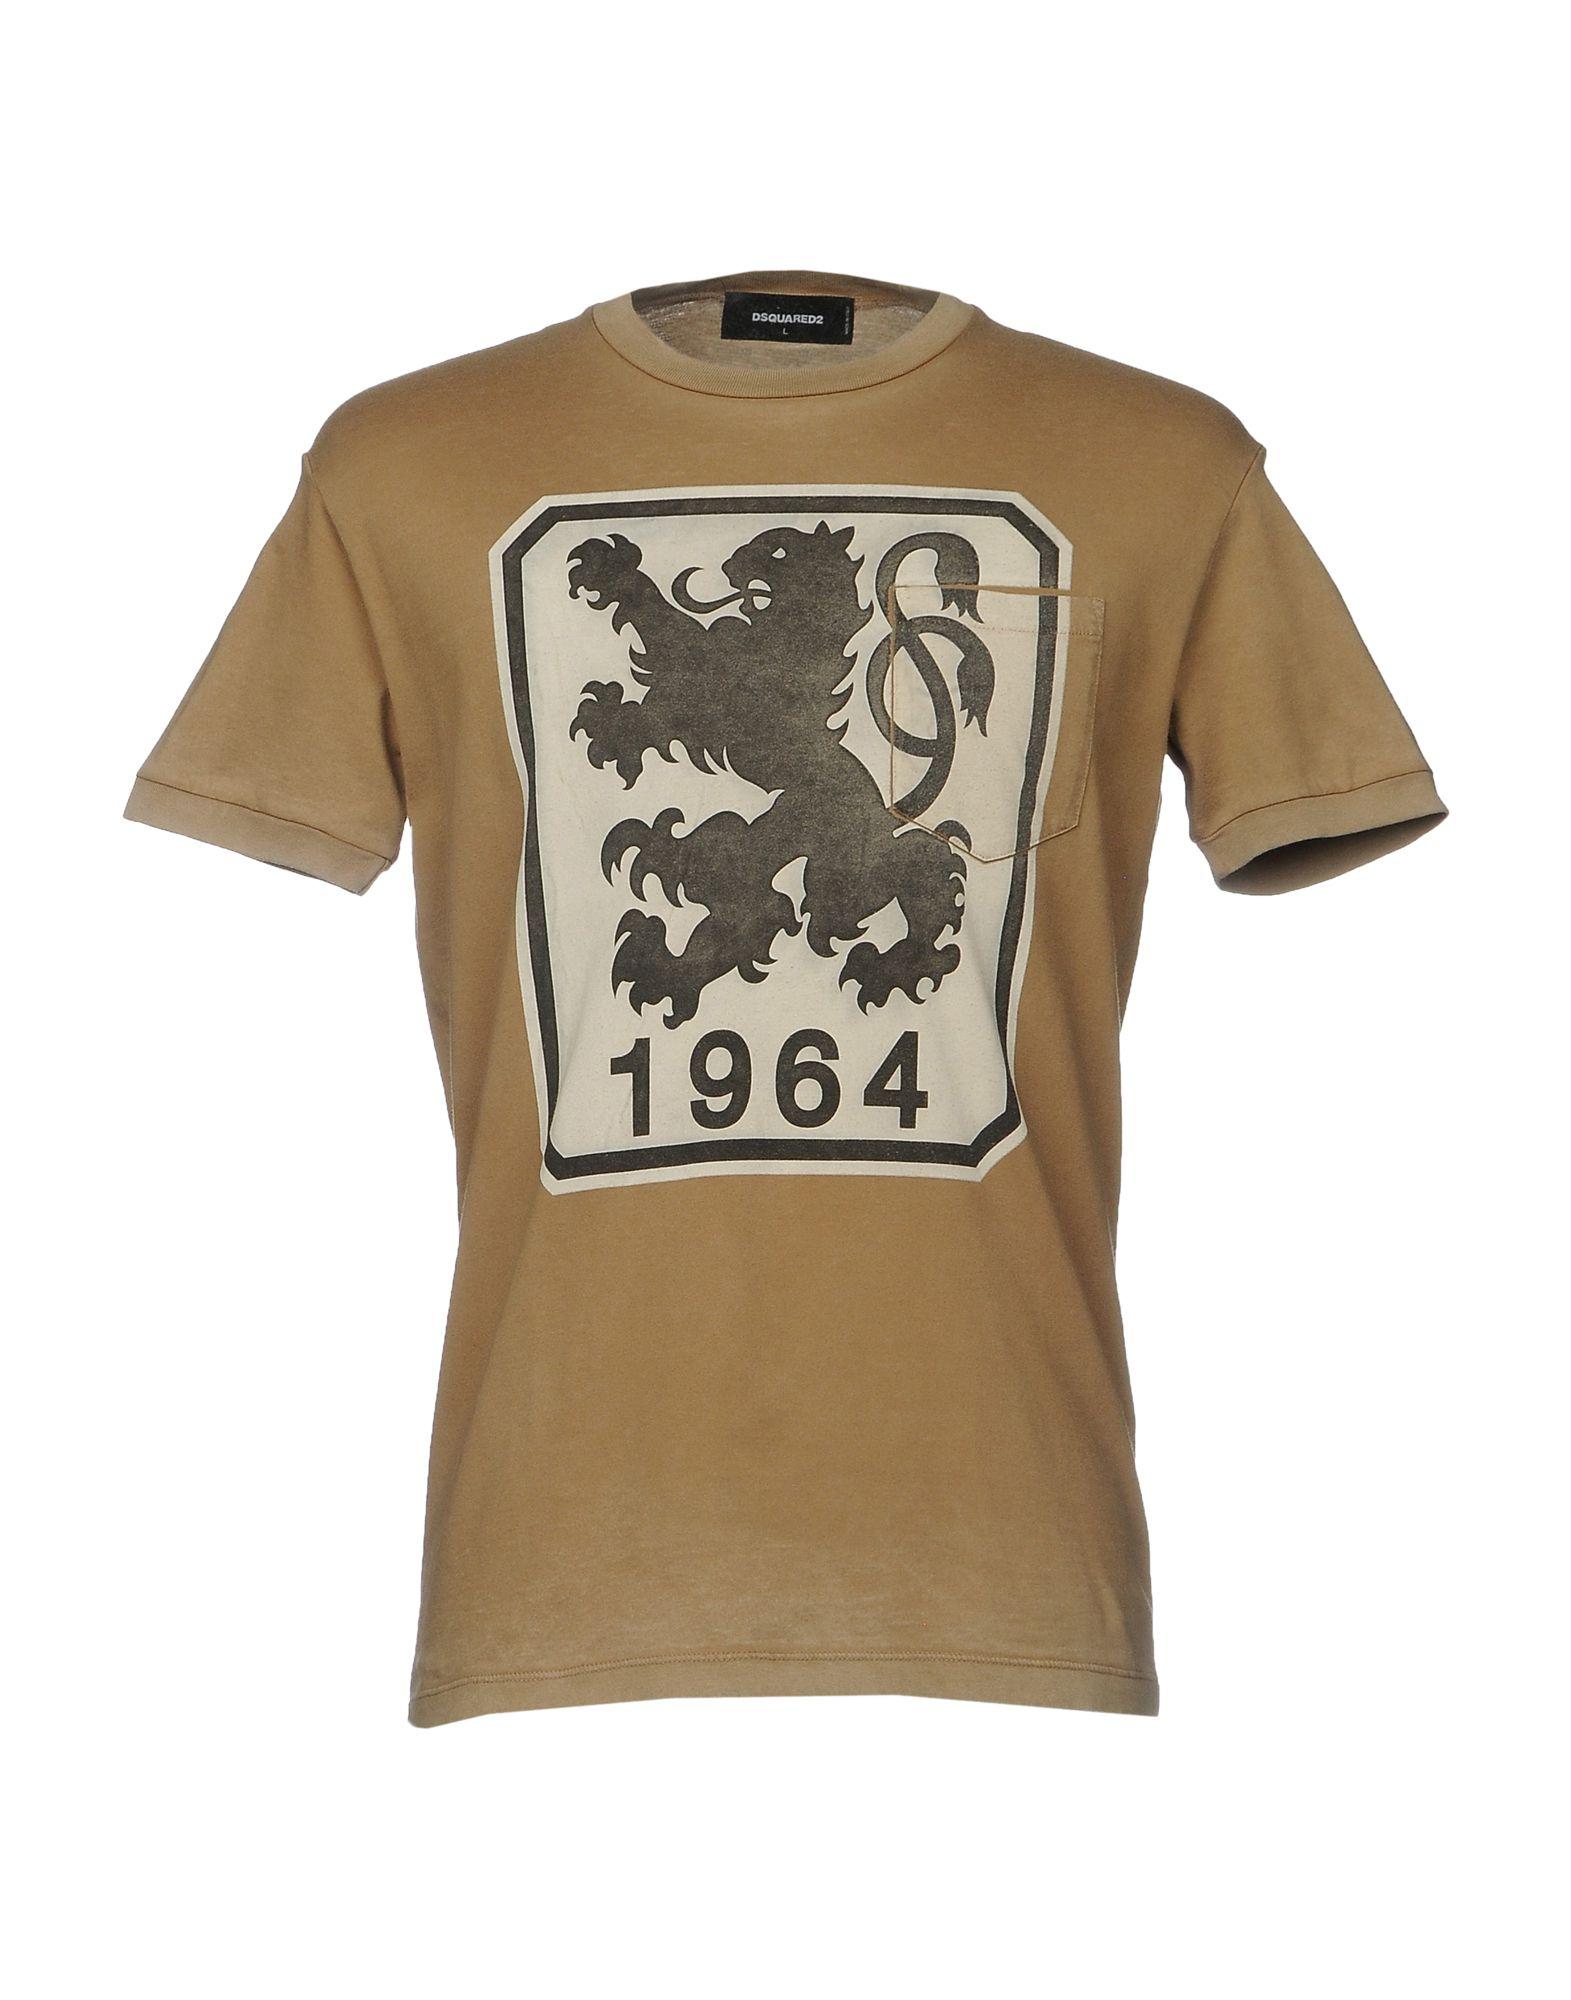 DSQUARED2 Herren T-shirts Farbe Sand Größe 6